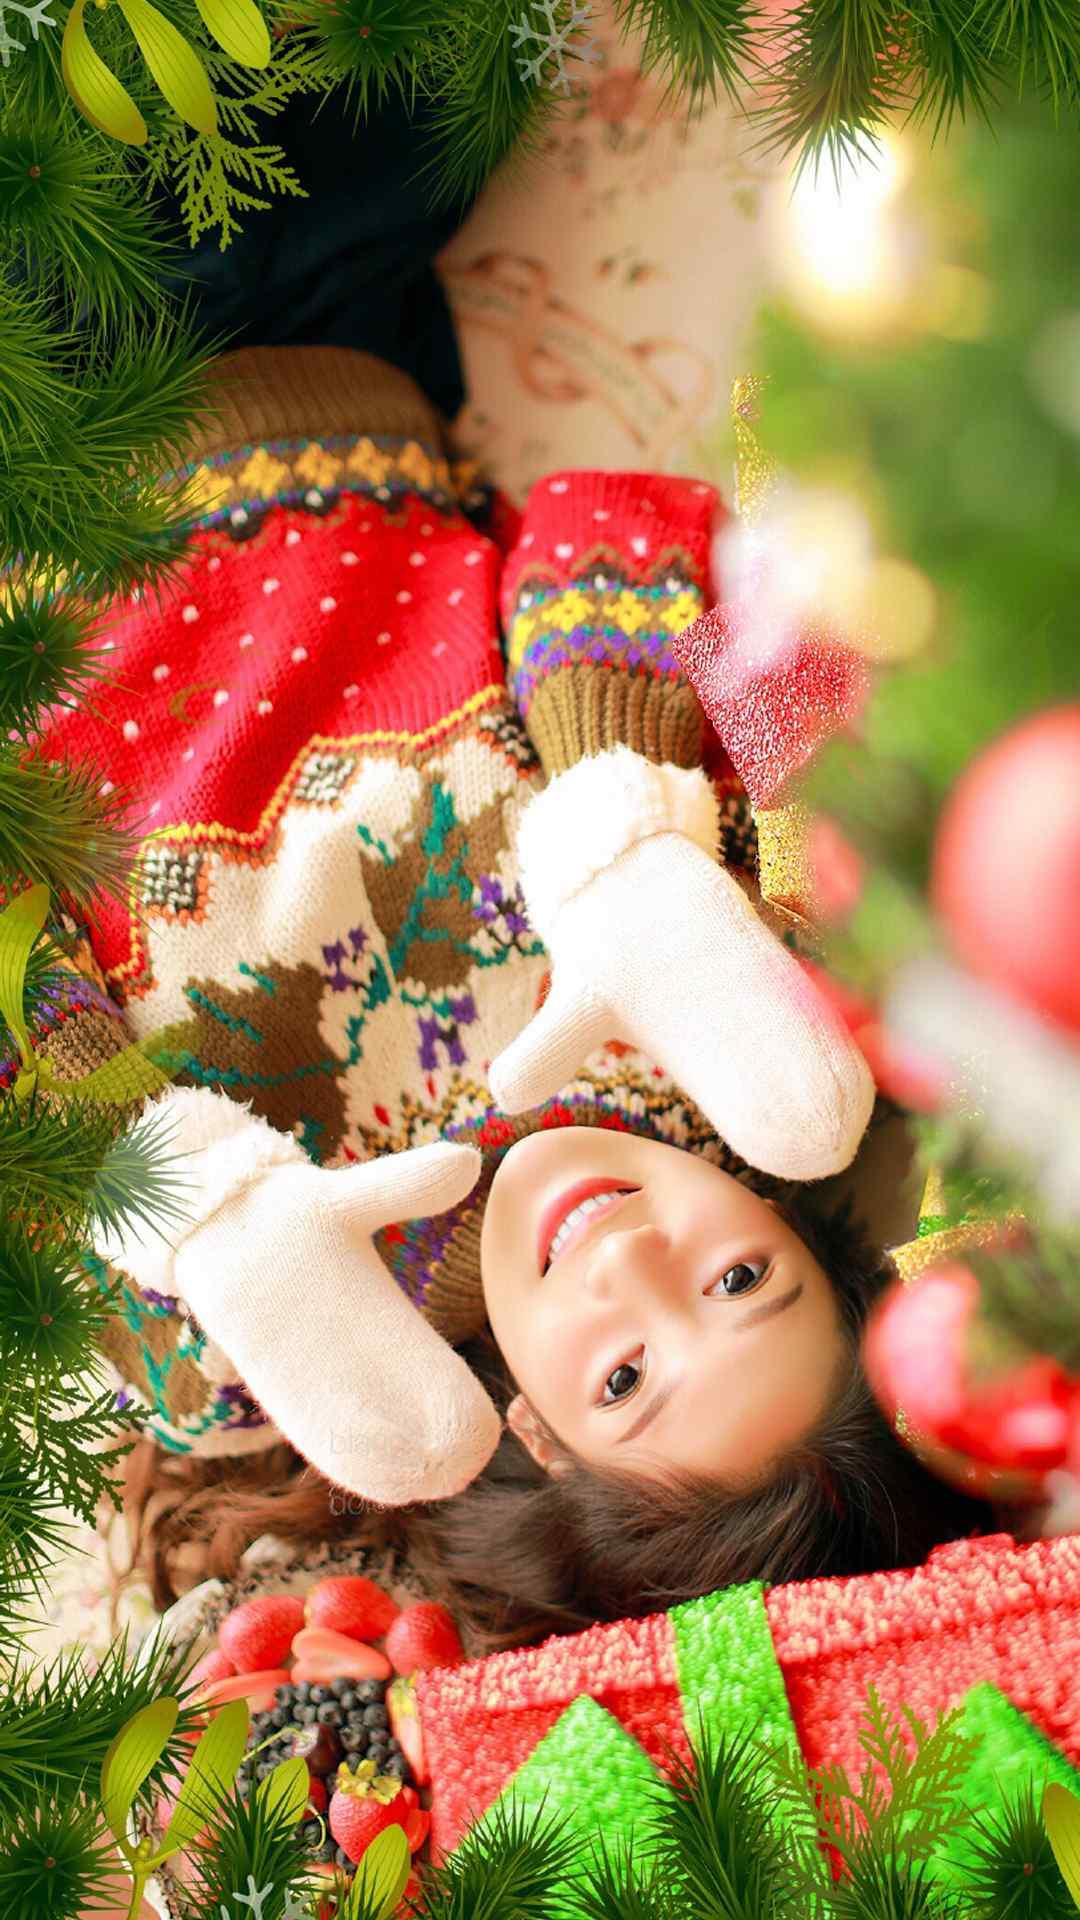 性感美女图片素材圣诞女孩唯美写真高清手机壁纸